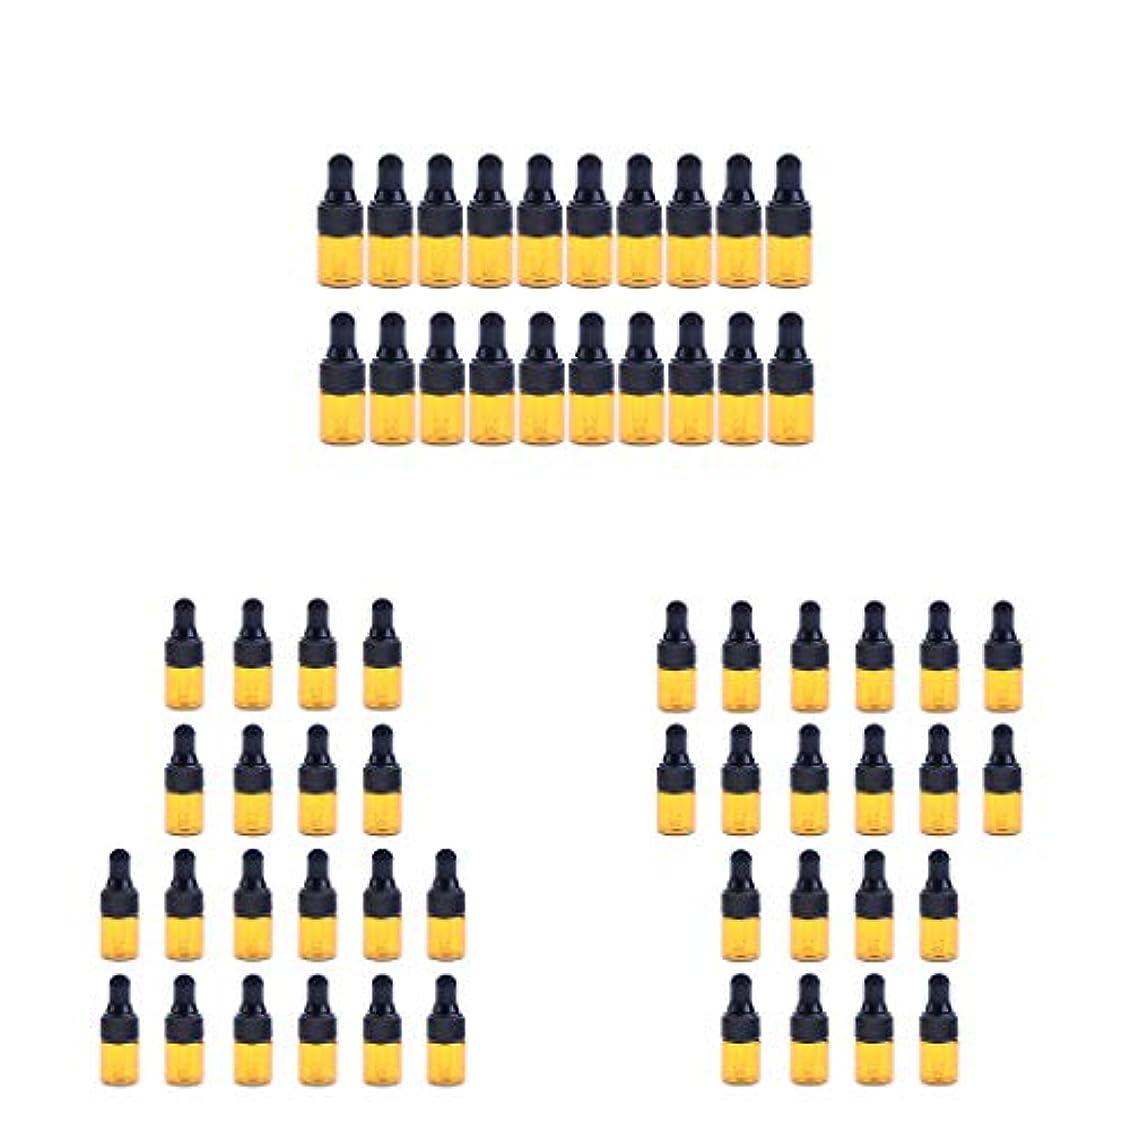 違反クレア推測するエッセンシャルオイル ボトル ガラスボトル スポイト 茶色 遮光ボトル 精油ボトル